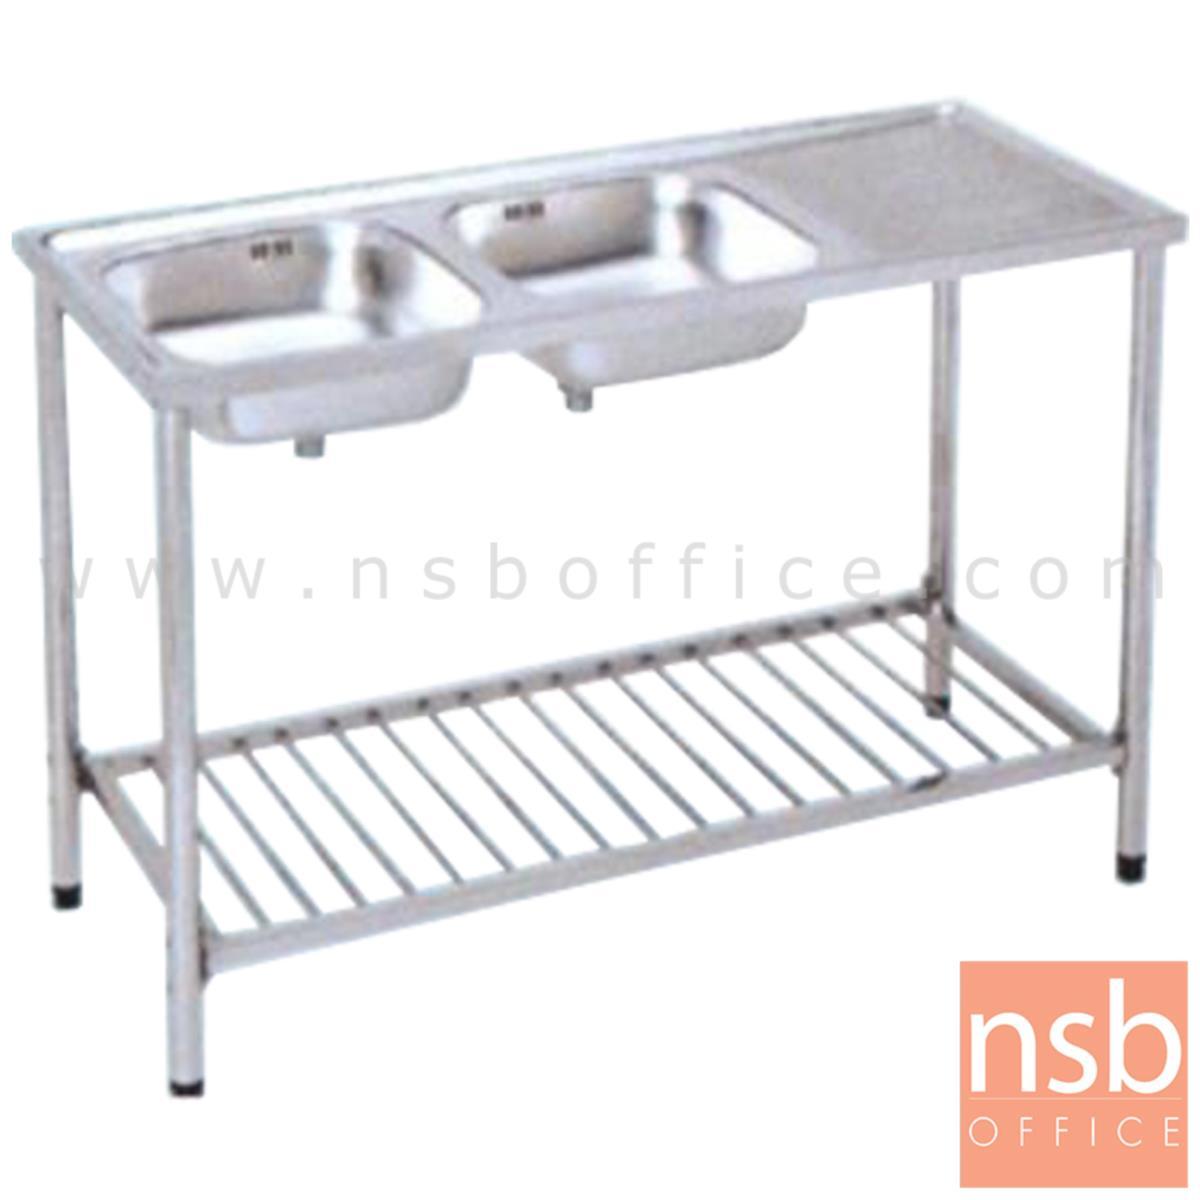 G12A010:ซิ้งค์ล้างจาน 2 บ่อ สเตนเลส พร้อมที่คว่ำจาน รุ่น Sturgess (สเตอเจส)